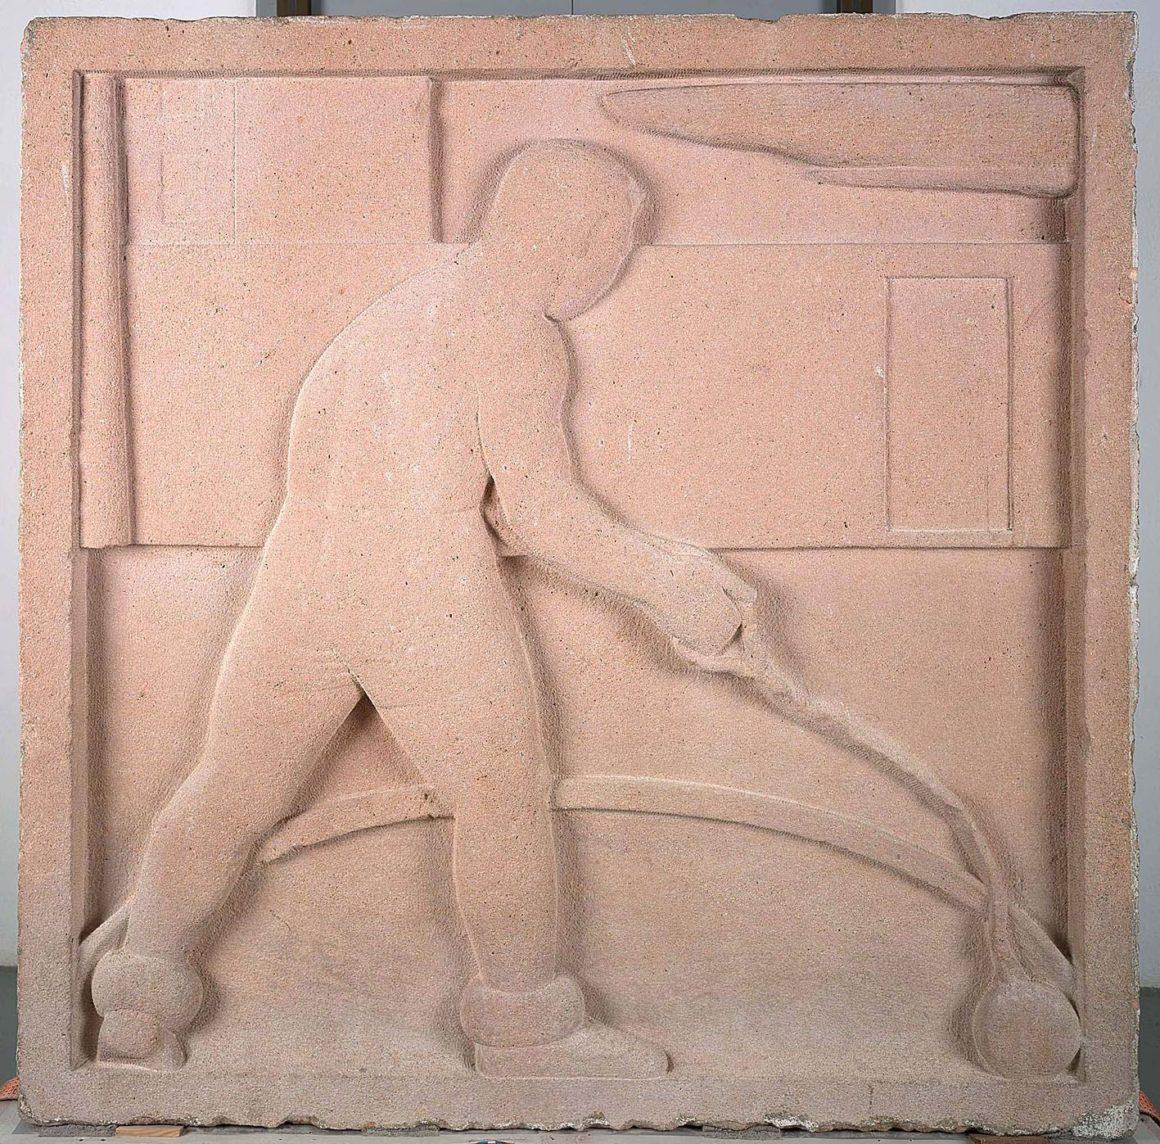 Francisco Pérez Mateo Lanzador de martillo, 1930 Piedra IVAM, Institut Valencià d'Art Modern. Generalitat.